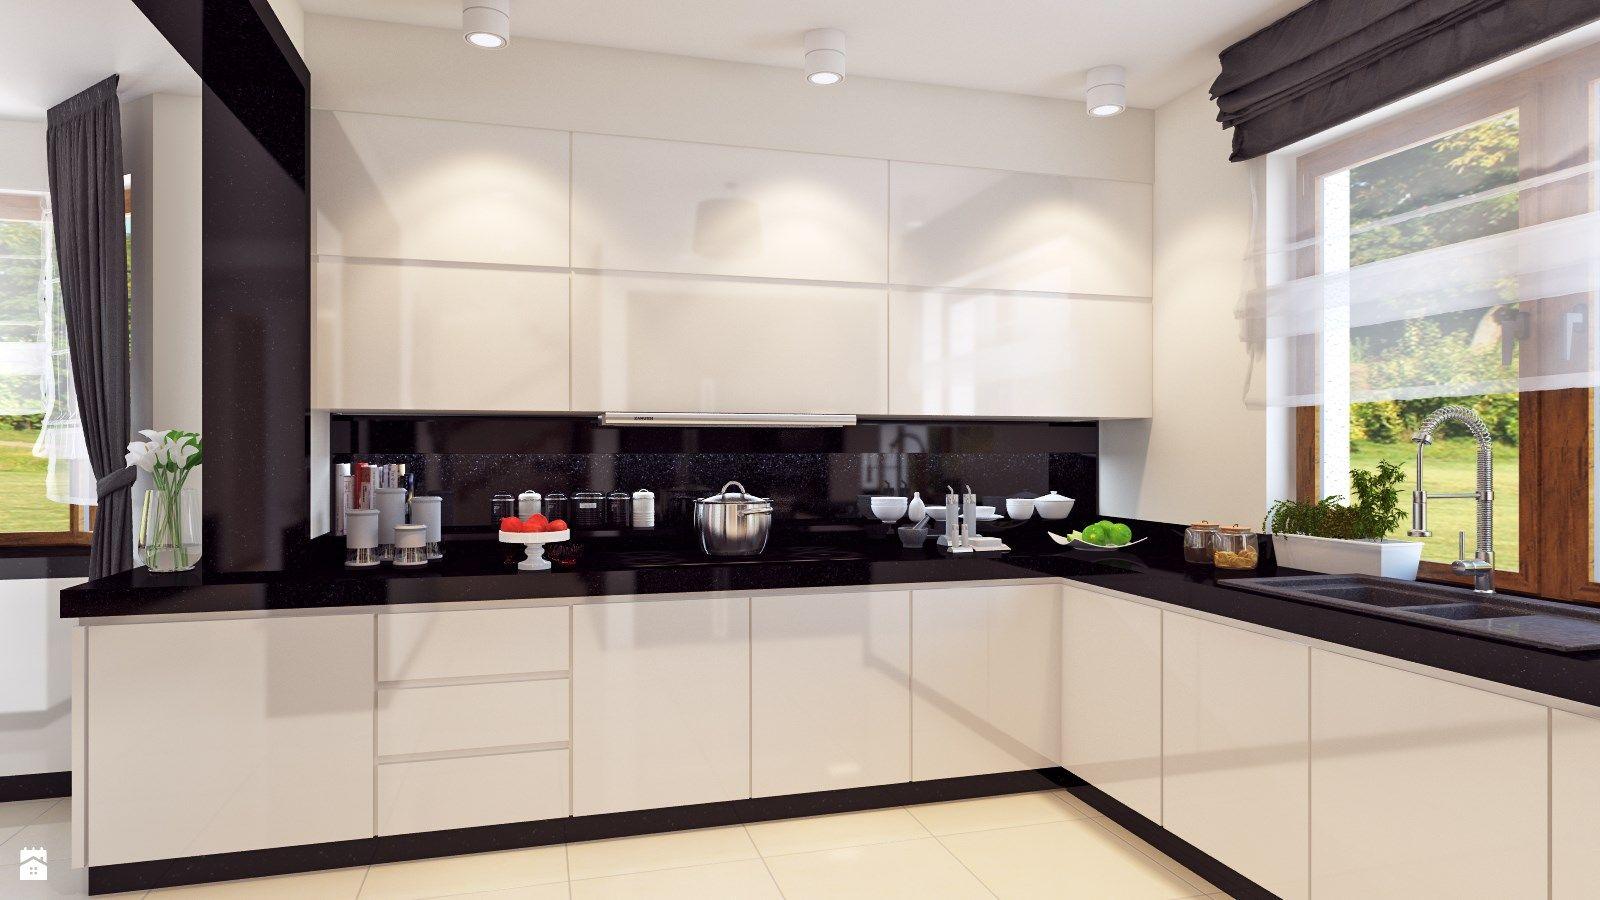 Otwarta kuchnia w bieli hola design homesquare - Dom W Stylu Glamour Rednia Otwarta Kuchnia W Kszta Cie Litery L W Aneksie